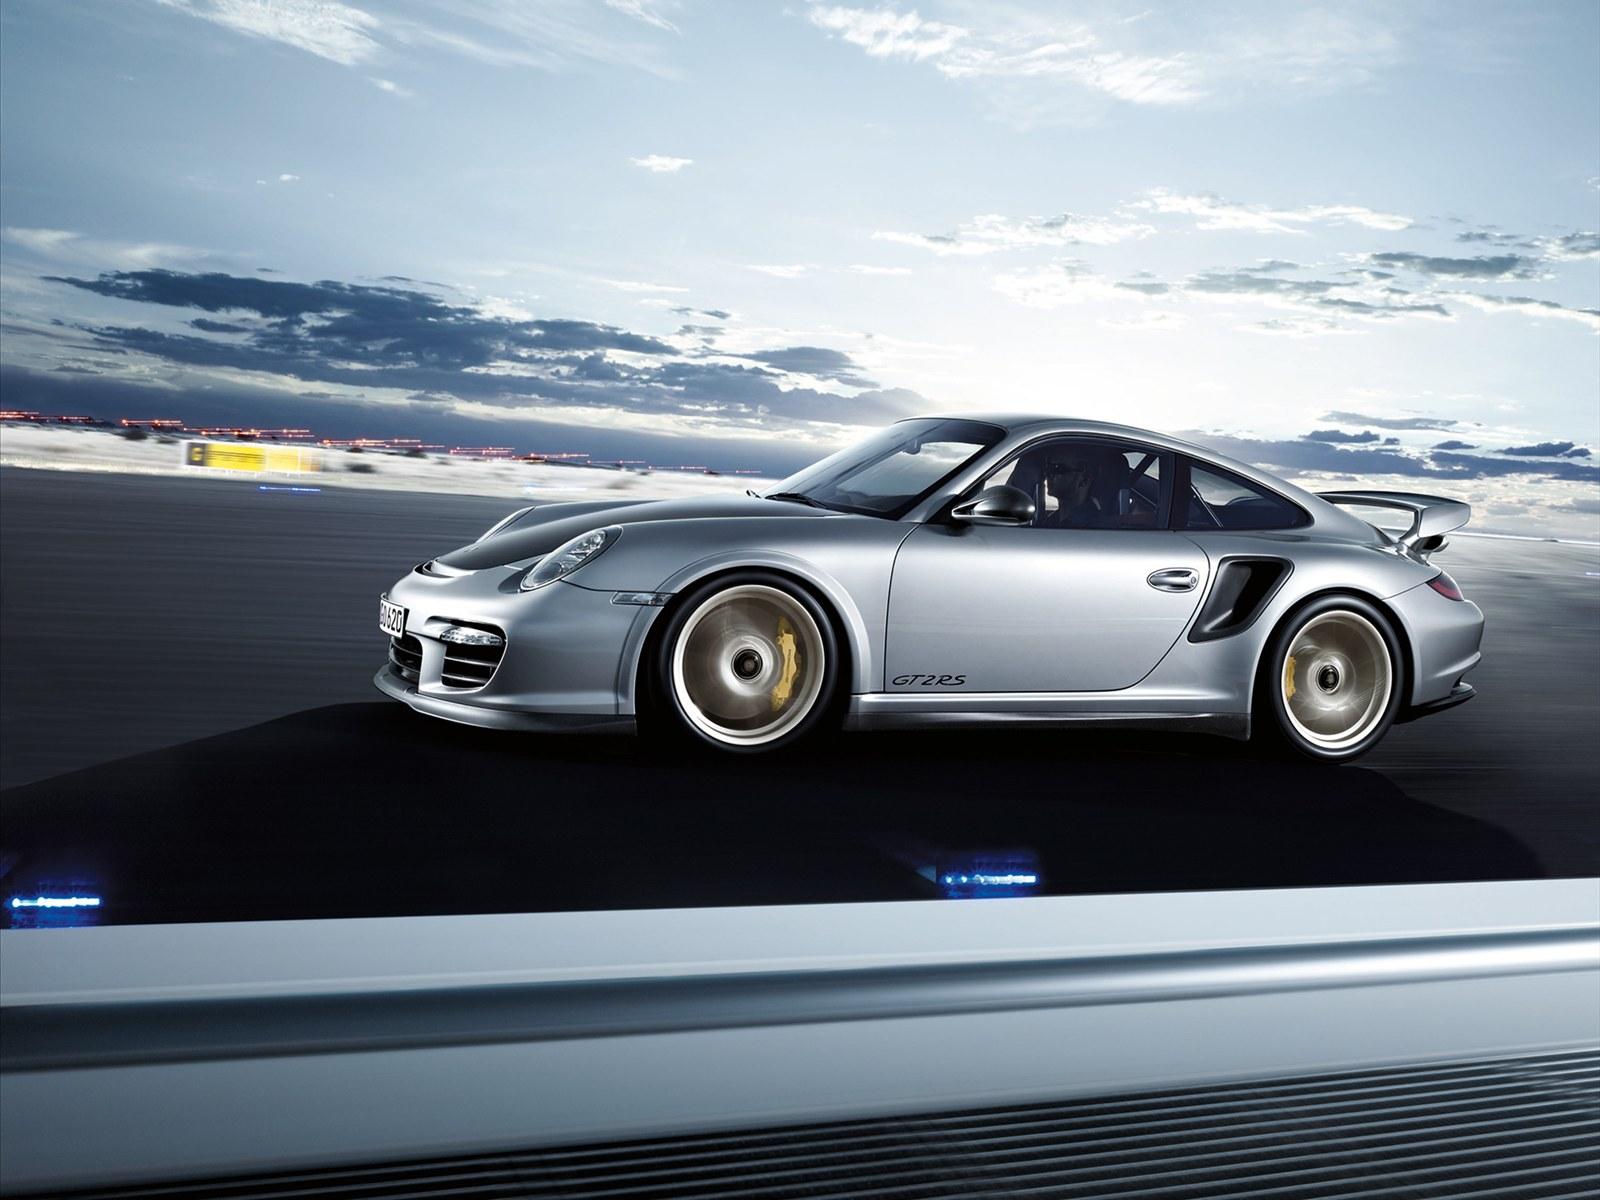 http://1.bp.blogspot.com/_L7TBxp3i-_I/TTbHx66A_2I/AAAAAAAABKA/FhPZviHeOu0/s1600/Porsche+911+GT2+RS+2011+wallpaper.jpg